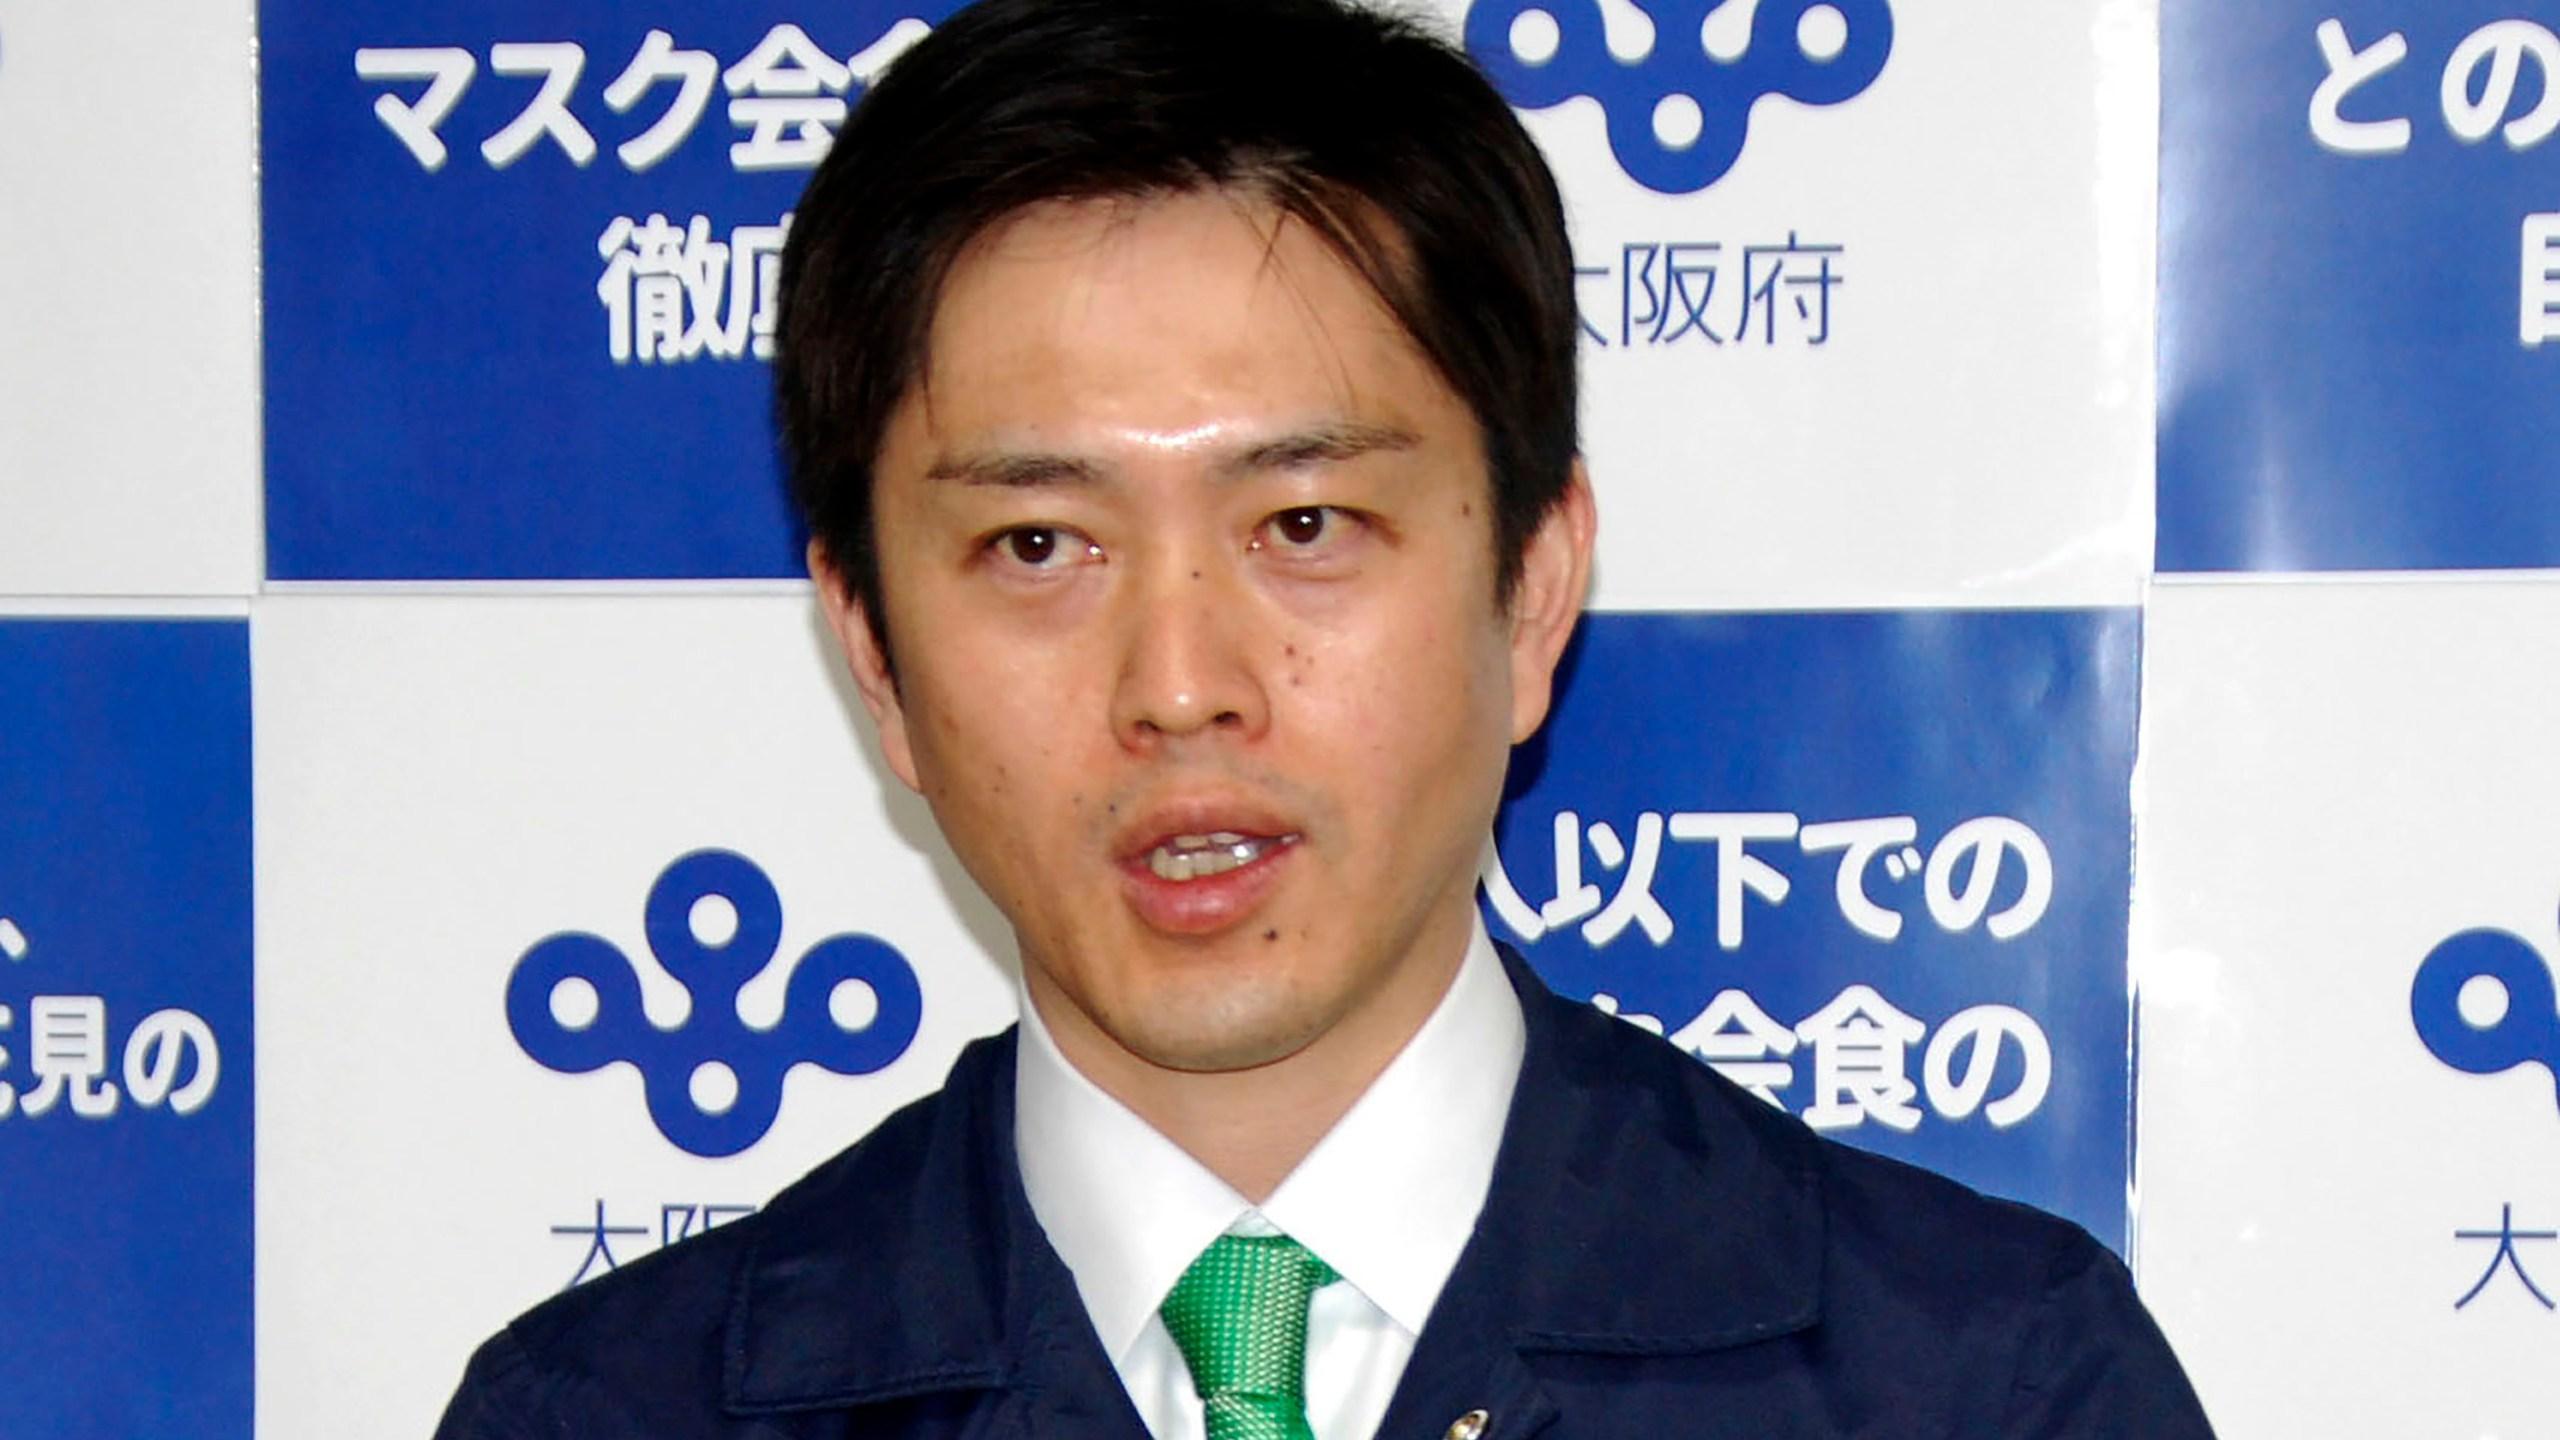 Hirofumi Yoshimura